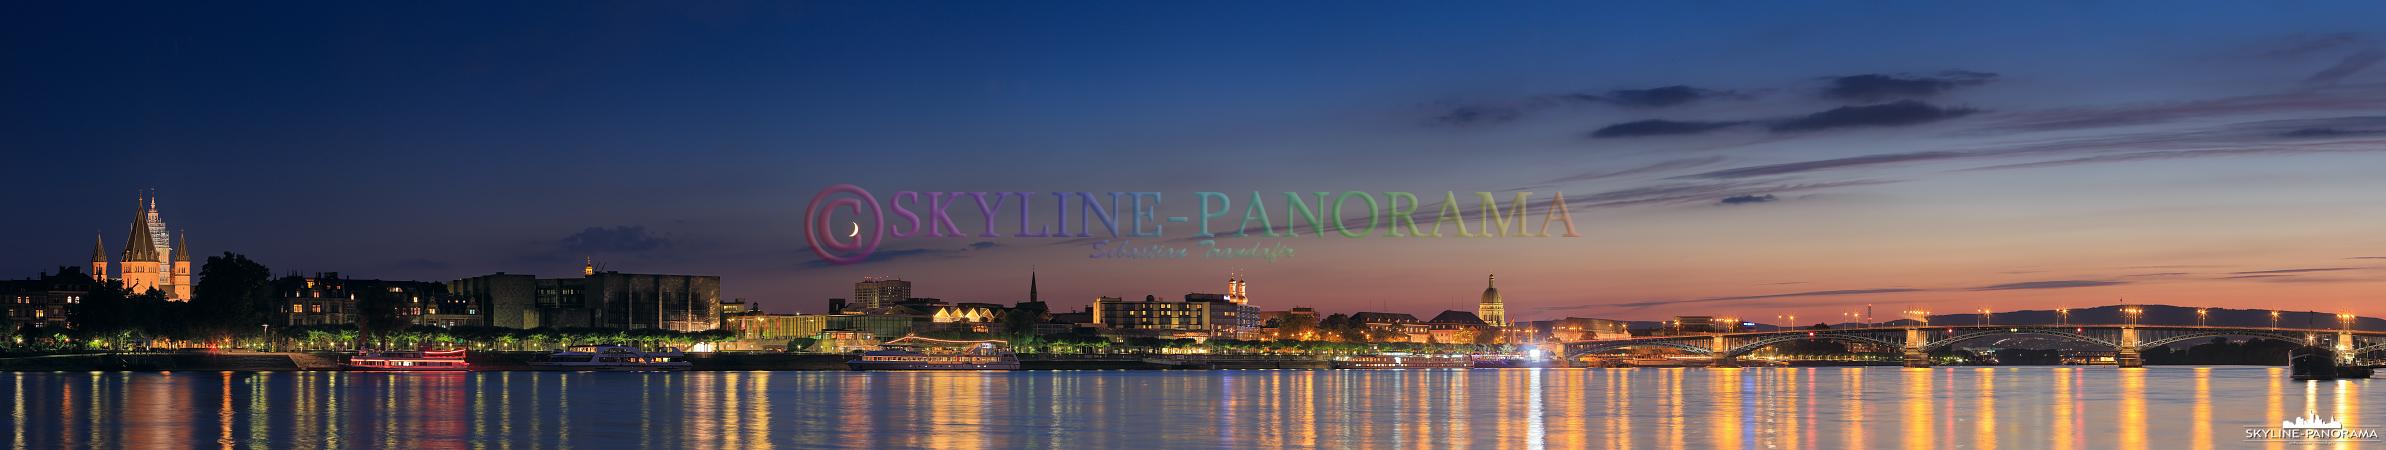 Bilder Deutschland - Nächtliches Panorama von Mainz, der Landeshauptstadt von Rheinland Pfalz.